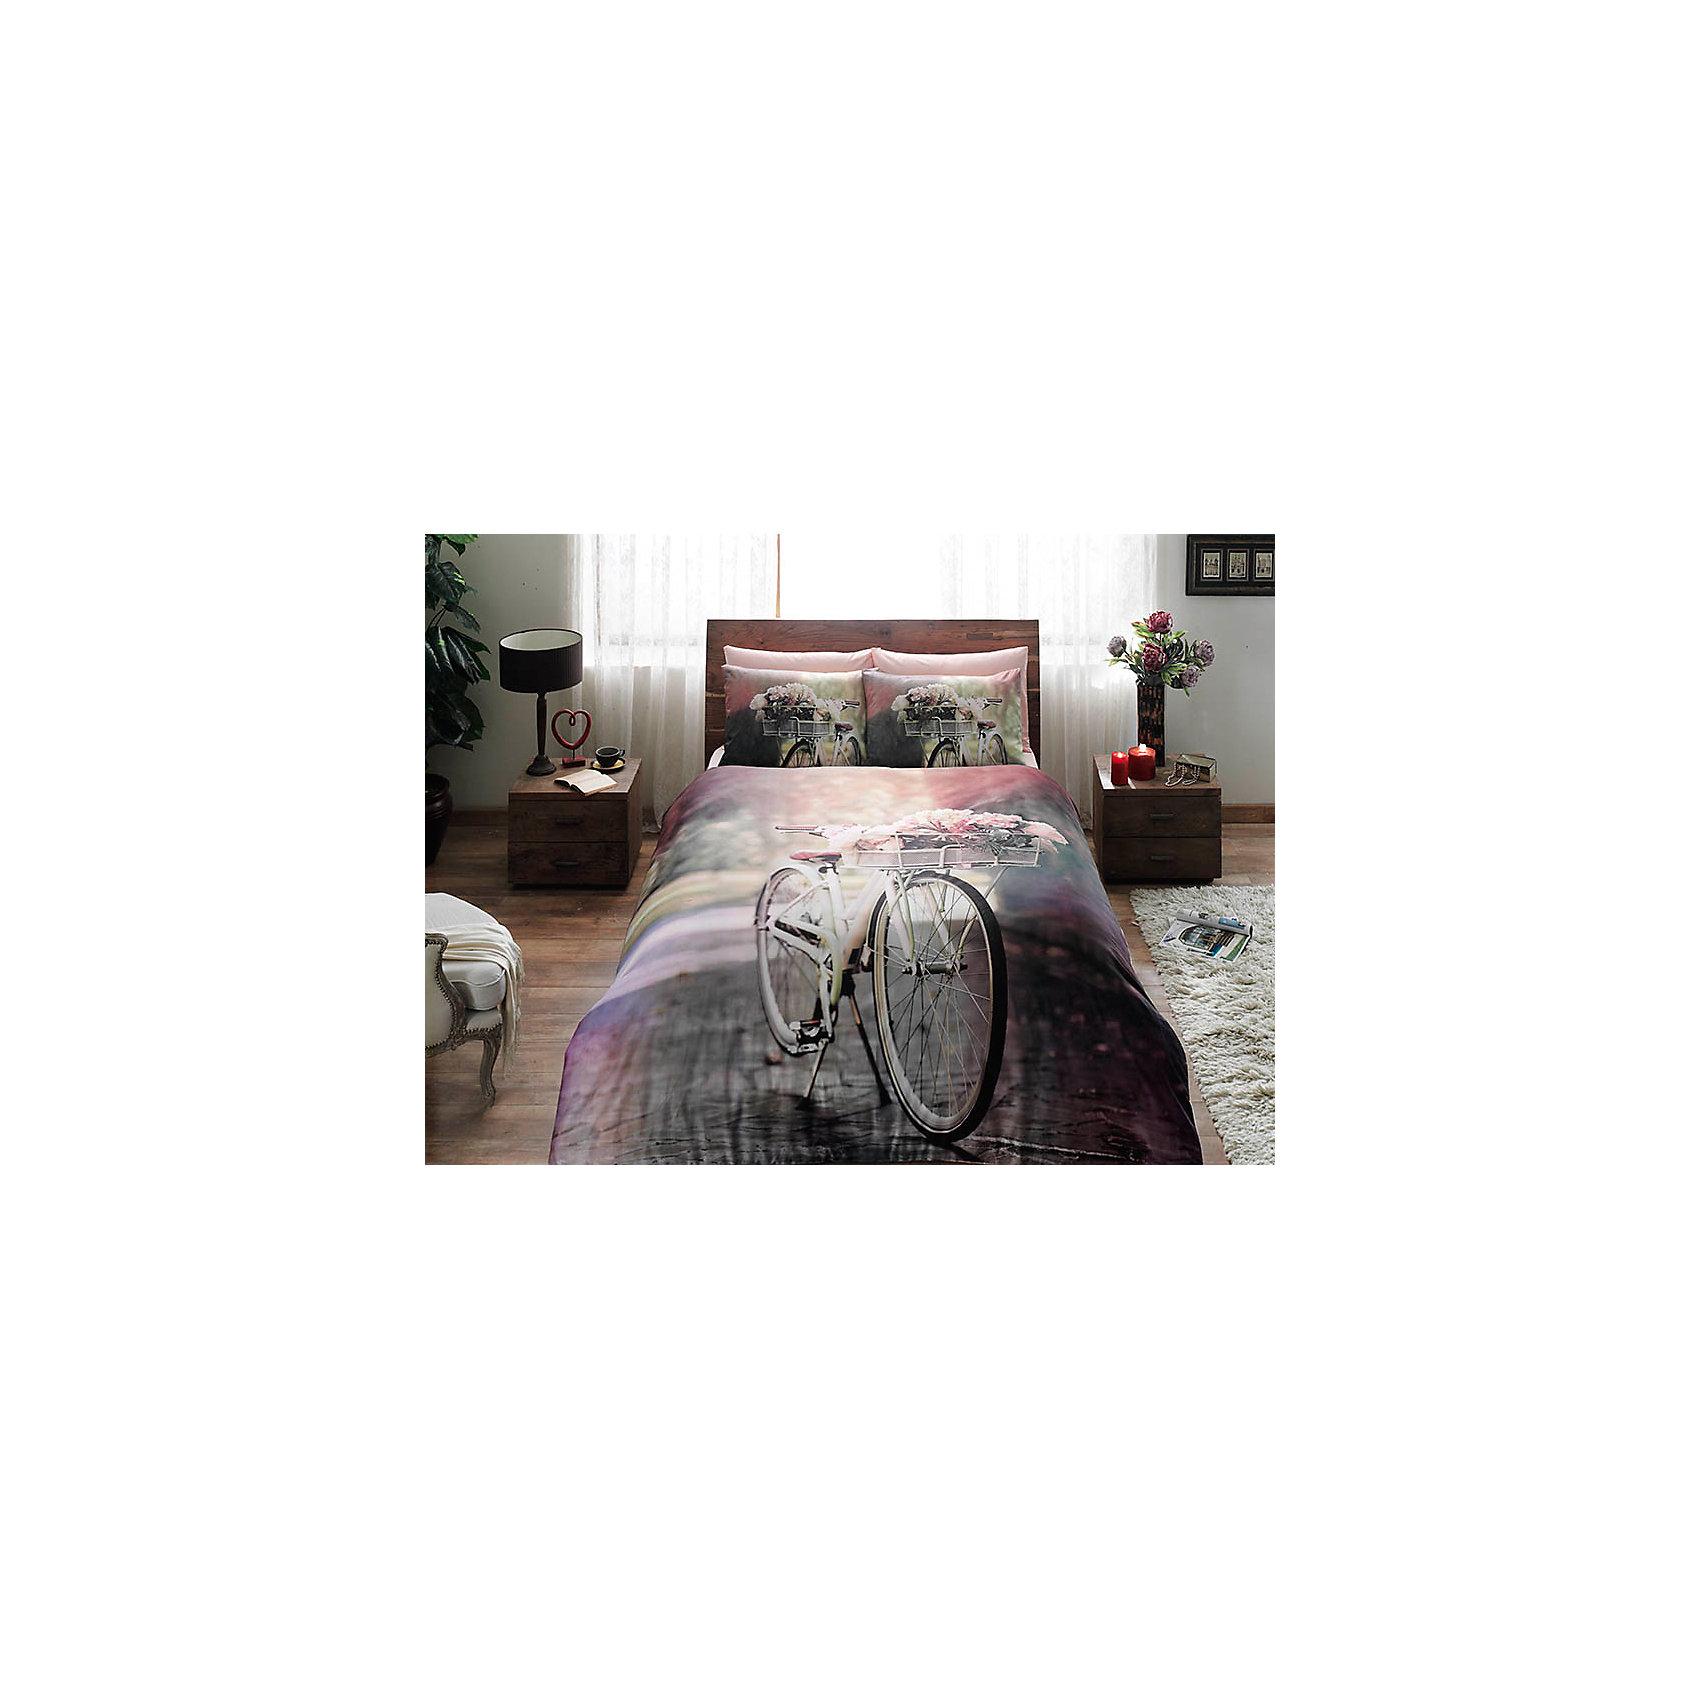 Постельное белье 2сп. Sunshine, сатин, TAC, розовыйДомашний текстиль<br>Характеристики:<br><br>• Вид домашнего текстиля: постельное белье<br>• Тип постельного белья по размерам: 2-х спальное<br>• Рисунок: велосипедная прогулка<br>• Сезон: круглый год<br>• Материал: сатин, 100% хлопок <br>• Цвет: оттенки розового, серый, зеленый<br>• Комплектация: <br> пододеяльник – 1 шт. 200*220 см <br> простынь – 1 шт. 240*260 см<br> наволочки – 2 шт. 50*70 см<br>• Вид застежки: пуговицы<br>• Тип упаковки: книжка картонная<br>• Вес в упаковке: 2 кг 800 г<br>• Размеры упаковки (Д*Ш*В): 27*7*37 см<br>• Особенности ухода: машинная стирка <br><br>Постельное белье 2сп. Sunshine, сатин, TAC, розовый от наиболее популярного бренда на отечественном рынке среди производителей комплектов постельного белья и текстильных принадлежностей, выпуском которого занимается производственная компания, являющаяся частью мирового холдинга Zorlu Holding Textiles Group. <br><br>Комплект состоит из 4-х предметов и включает в себя: пододеяльник, простынь и две наволочки. Все изделия выполнены из хлопкового сатина, который характеризуется высокими износоустойчивыми качествами, не теряет формы и цвета при длительном использовании, после стирки изделия полностью расправляются и сохраняют ровность полотна, поэтому они не нуждаются в глажке. Специальным образом скрученная нить, из которой изготовлено сатиновое полотно, обеспечивает характерный блеск и защиту от образования катышков. <br><br>Обладает повышенными гигроскопичными качествами, благодаря чему оно комфортно для использования в любое время года. Постельное белье выполнено в стильном дизайне: сюжетный принт, изображающий велосипедную прогулку придает комплекту особую оригинальность. <br>Постельное белье 2сп. Sunshine, сатин, TAC, розовый станет прекрасным решением для тех, кто ценит качество, стиль и долговечность!<br><br>Постельное белье 2сп. Sunshine, сатин, TAC, розовый можно купить в нашем интернет-магазине.<br><br>Ширина мм: 270<br>Глубина мм: 70<br